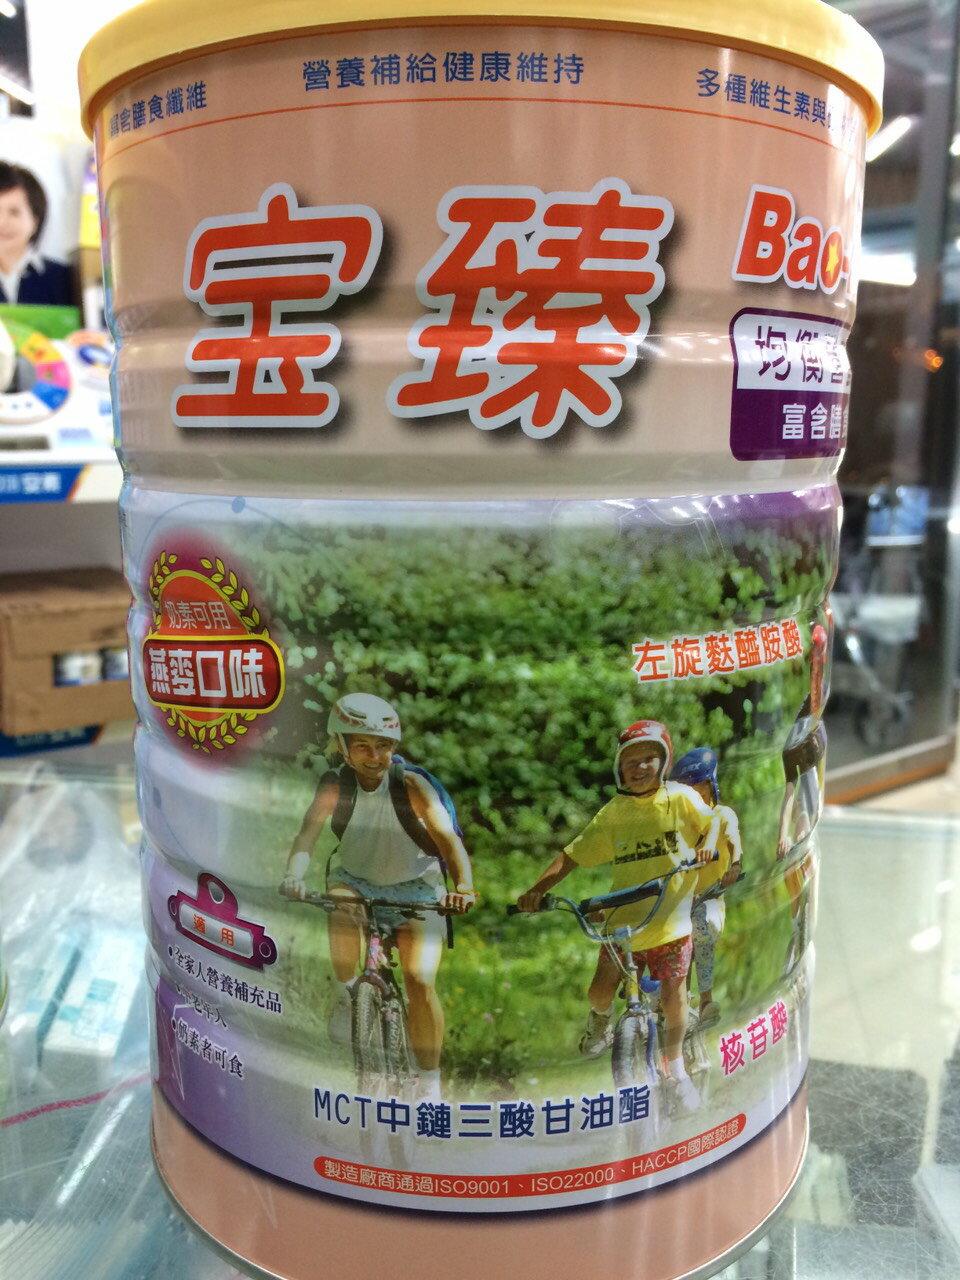 永大醫療~博智  寶臻均衡營養素燕麥口一罐950元購買一箱6罐再送您1罐!!